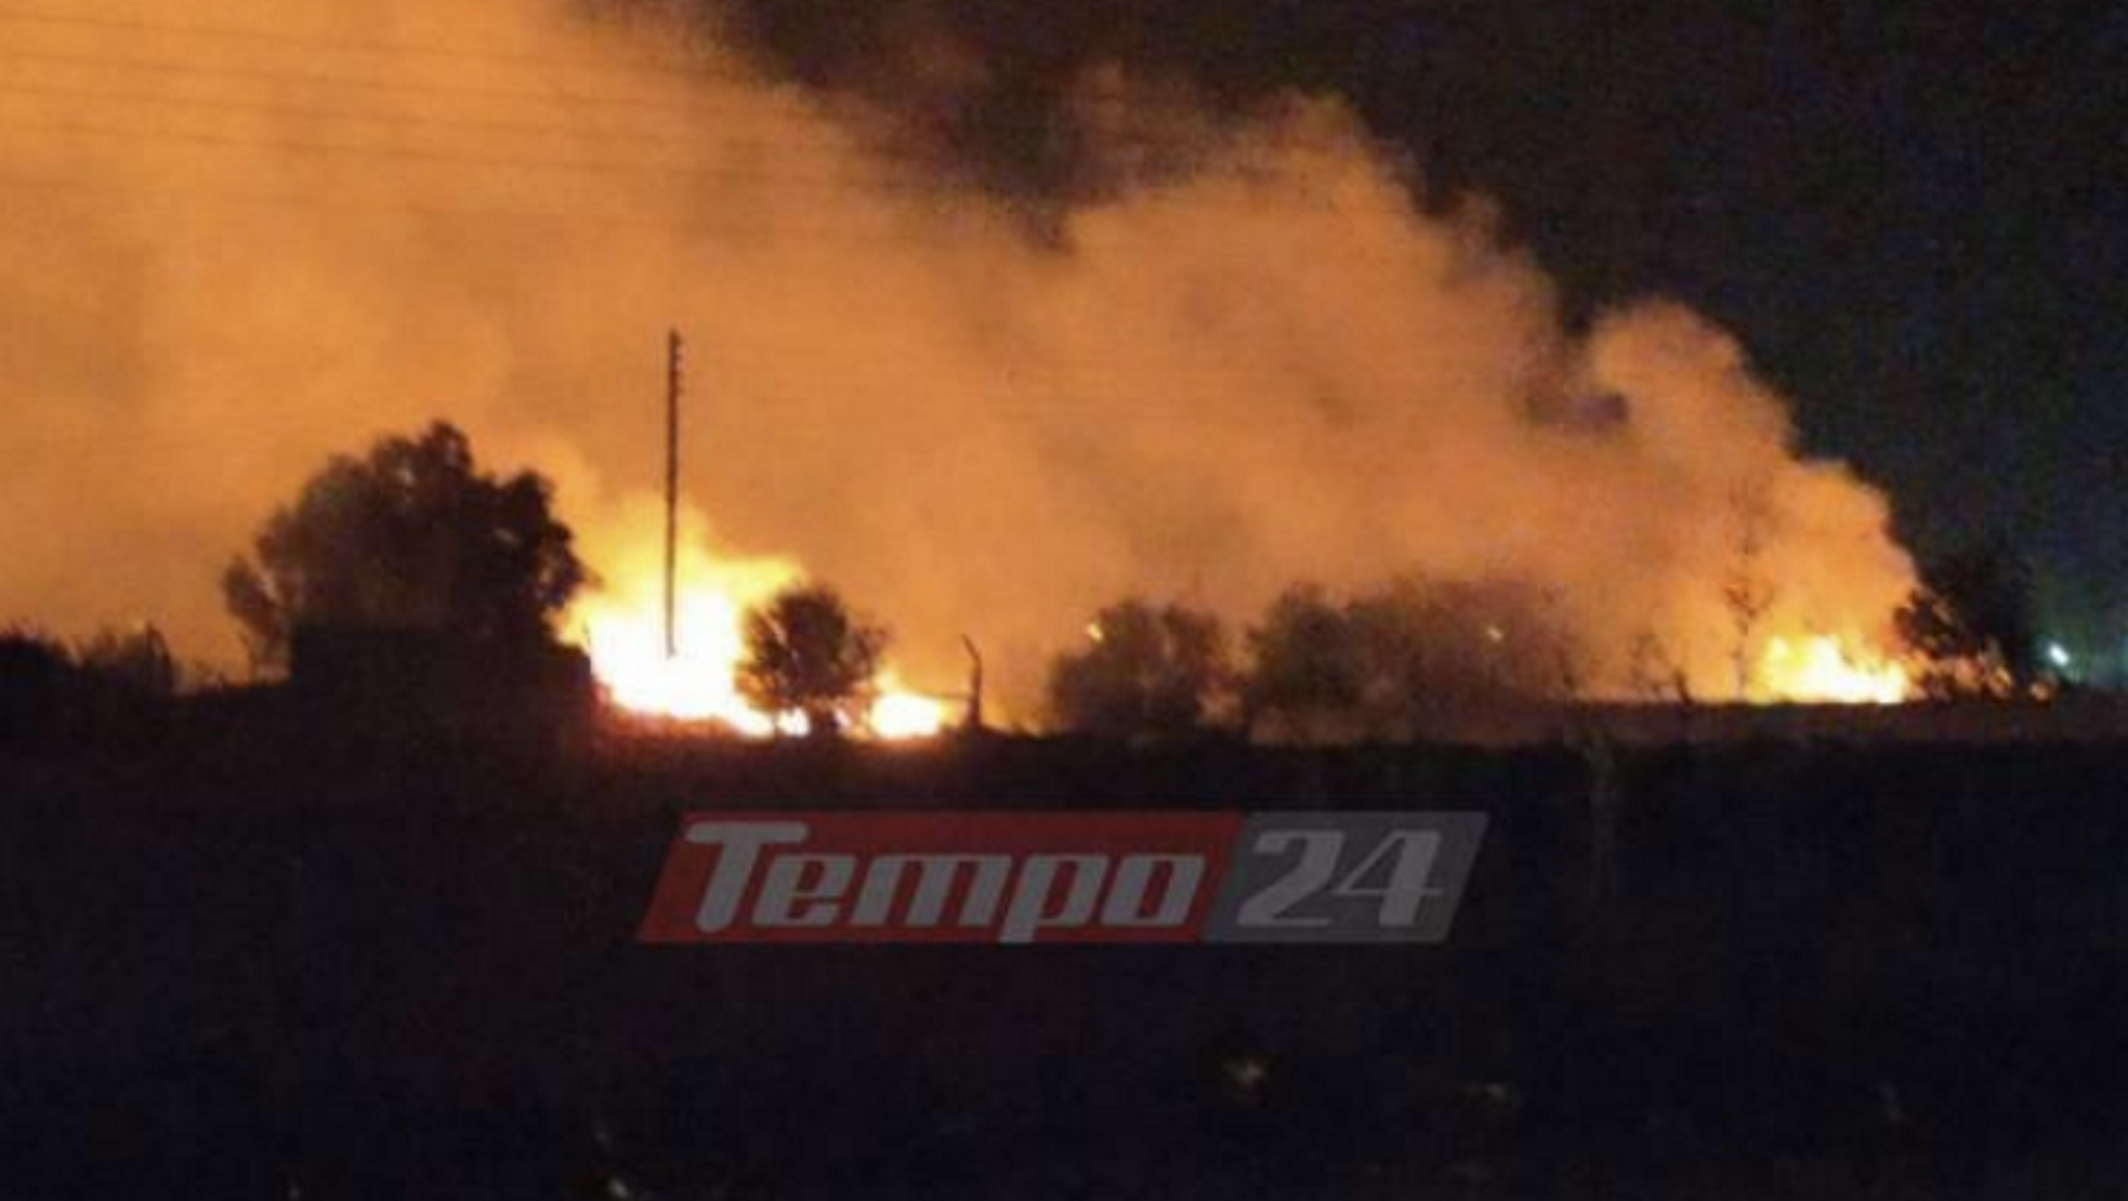 Αχαΐα: Μεγάλη φωτιά – Εκκενώνονται σπίτια και εγκαταστάσεις (pics, video)